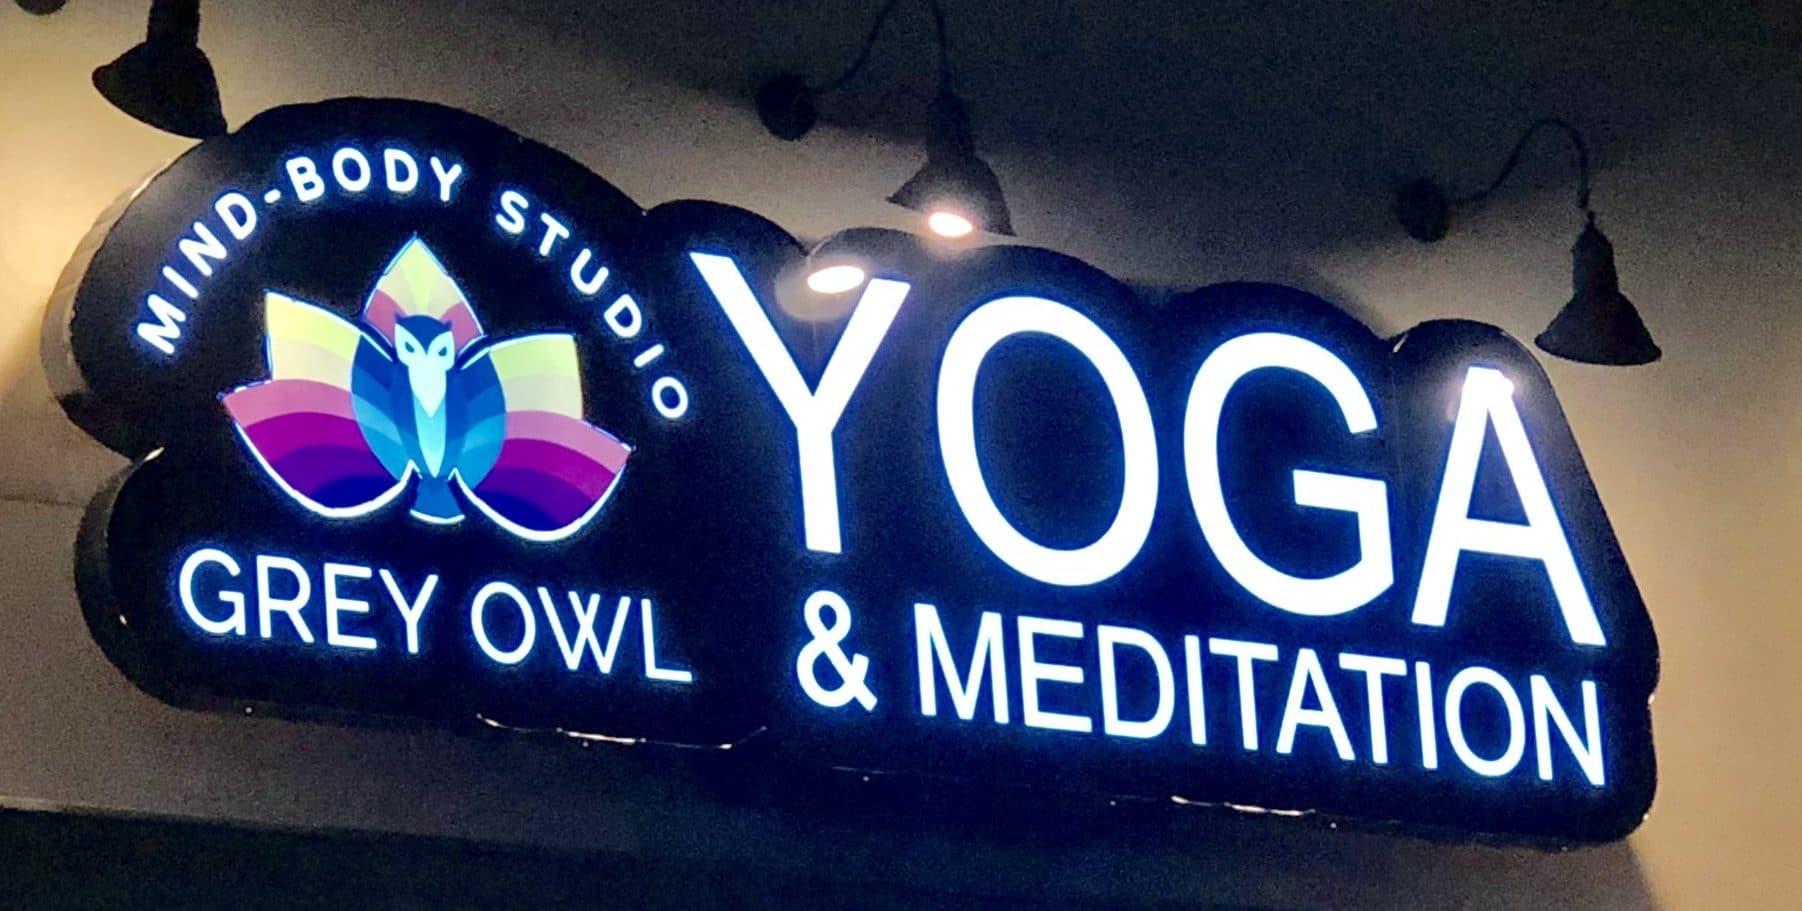 Grey Owl Yoga Studio